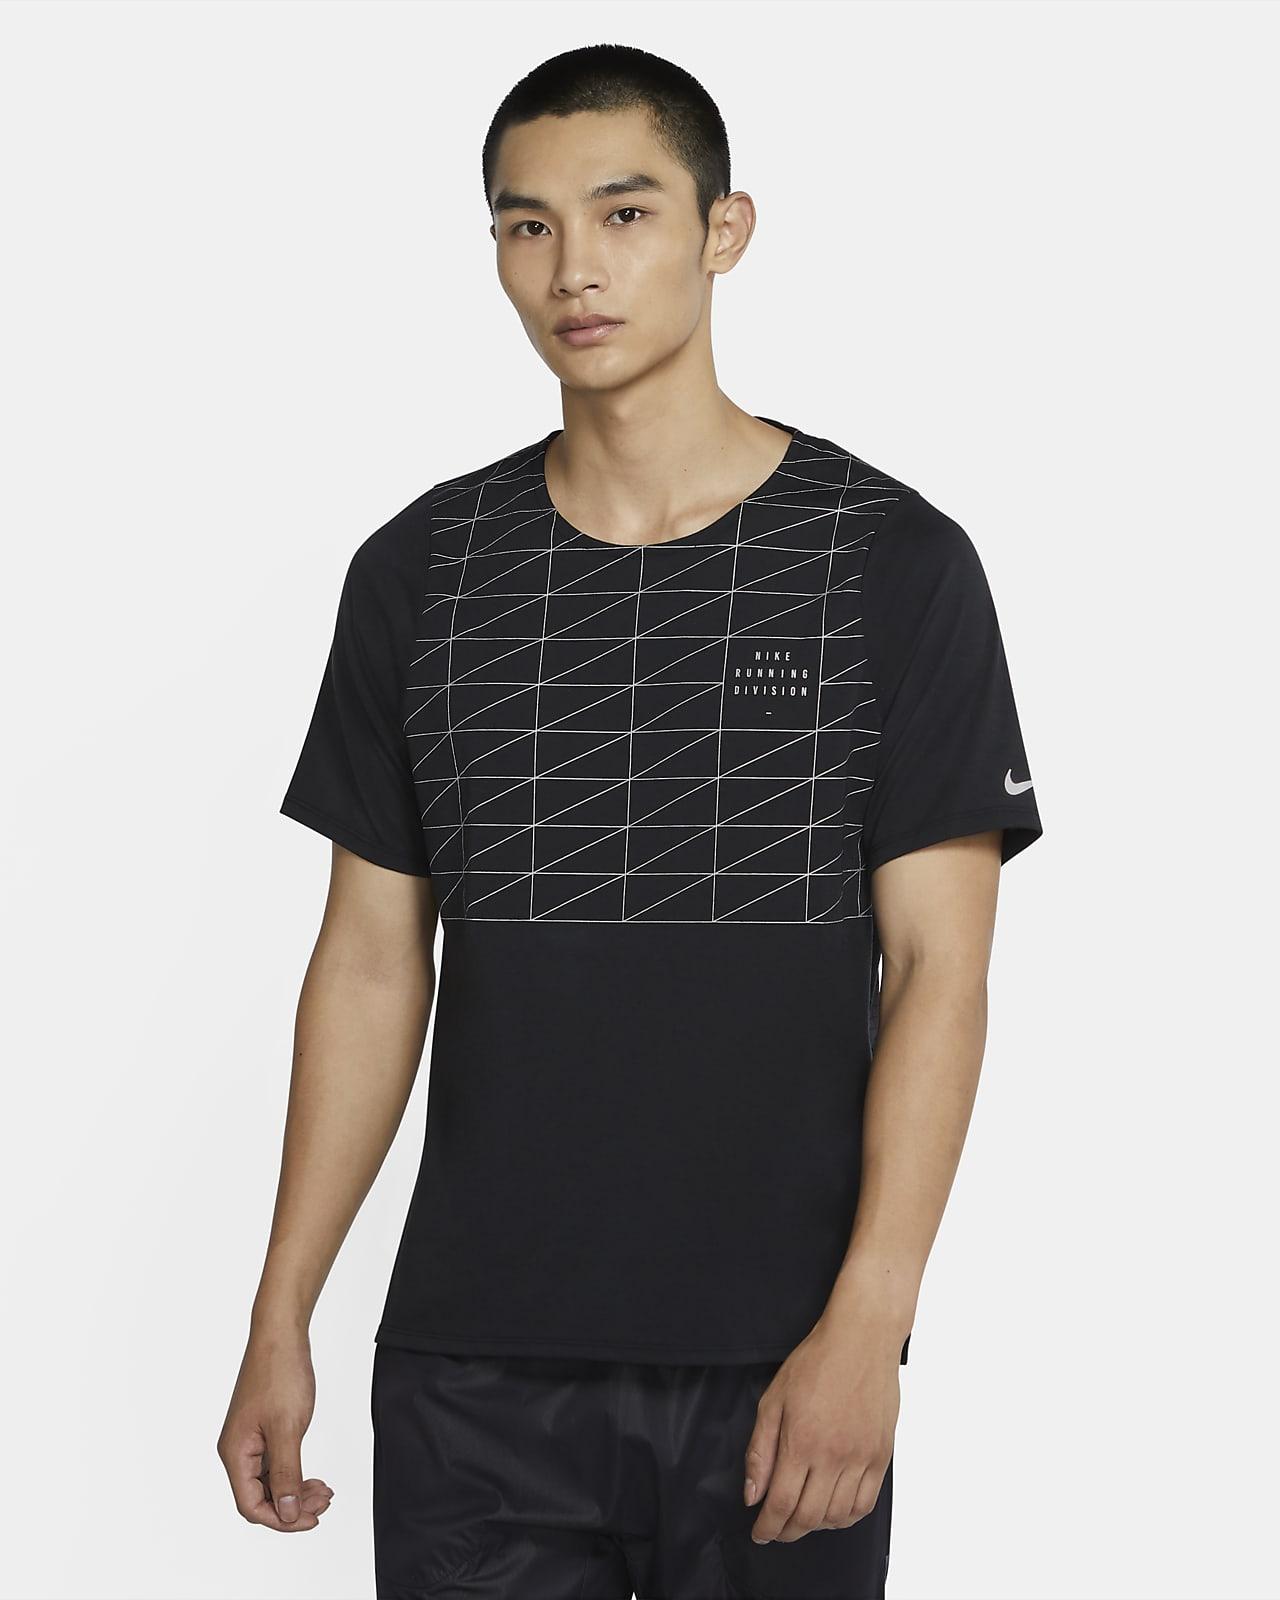 Nike Rise 365 Run Division 男款 Flash 短袖跑步上衣